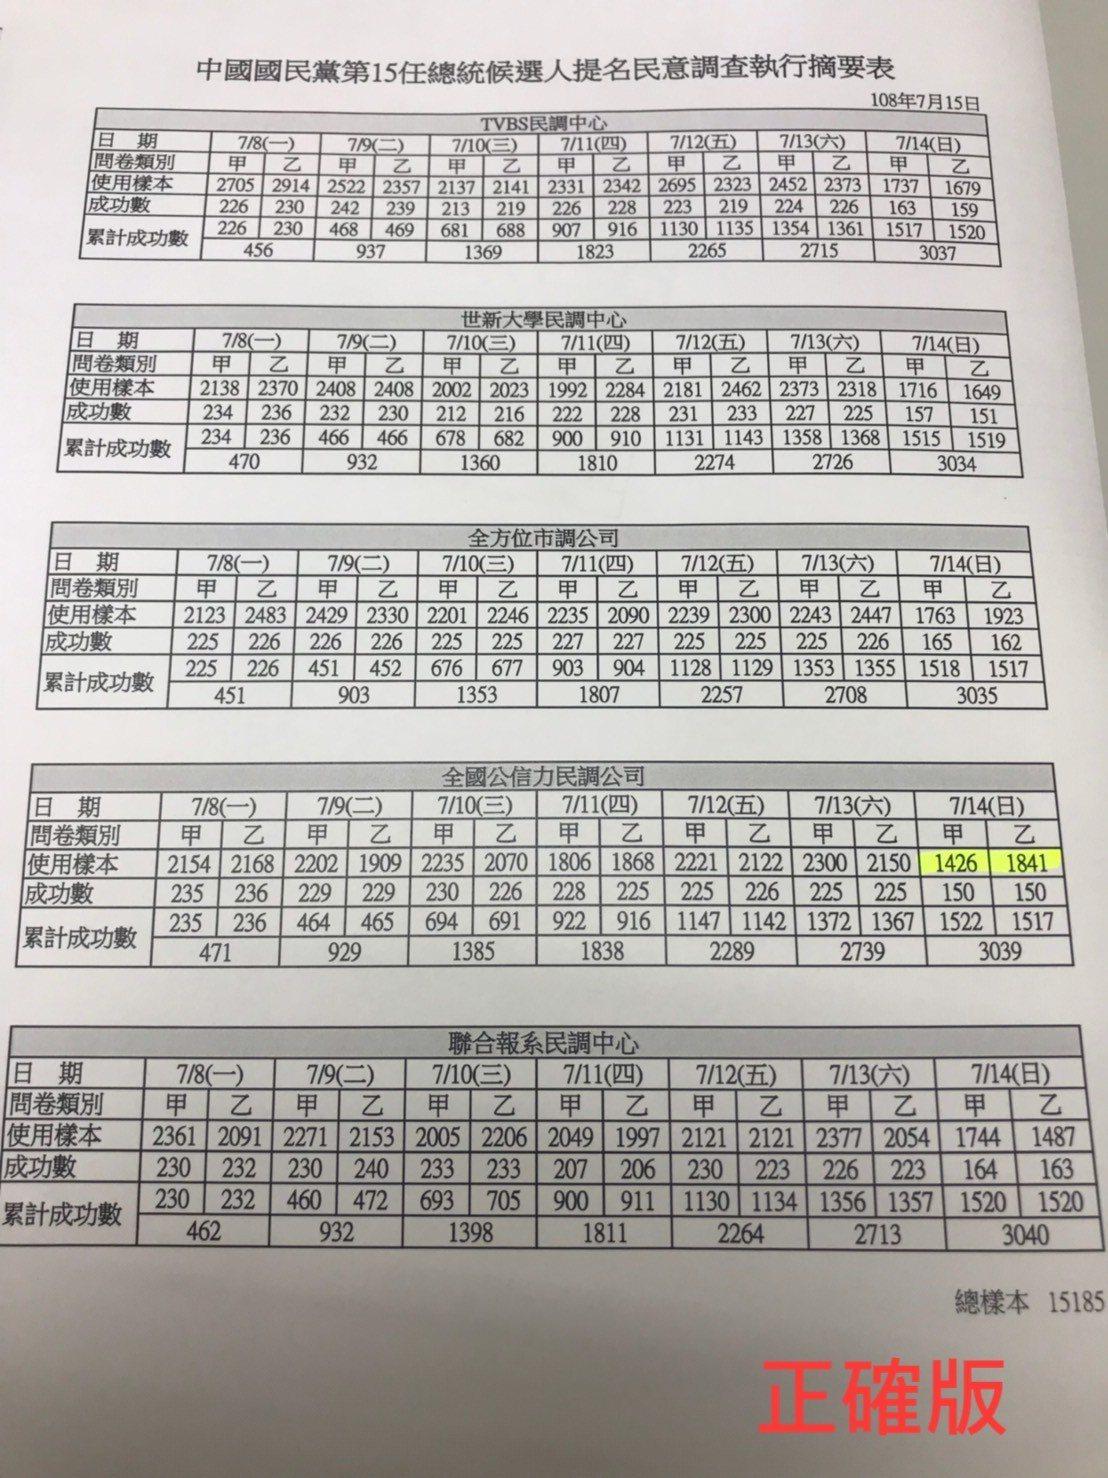 國民黨總統初選民調執行摘要表。圖/國民黨中央提供